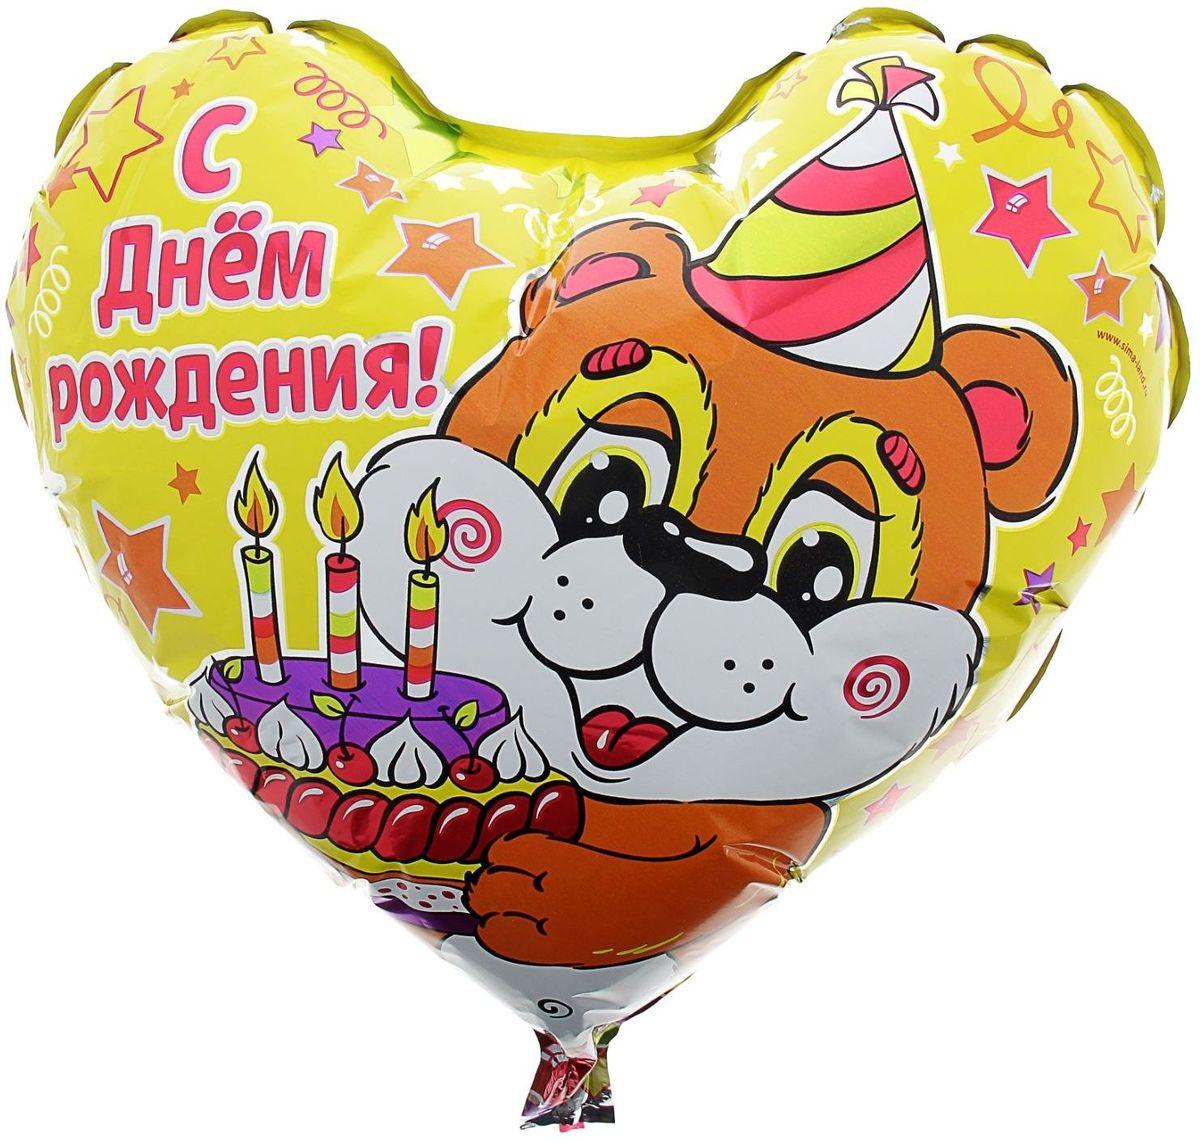 мировые поздравления к подарку воздушные шарики статье